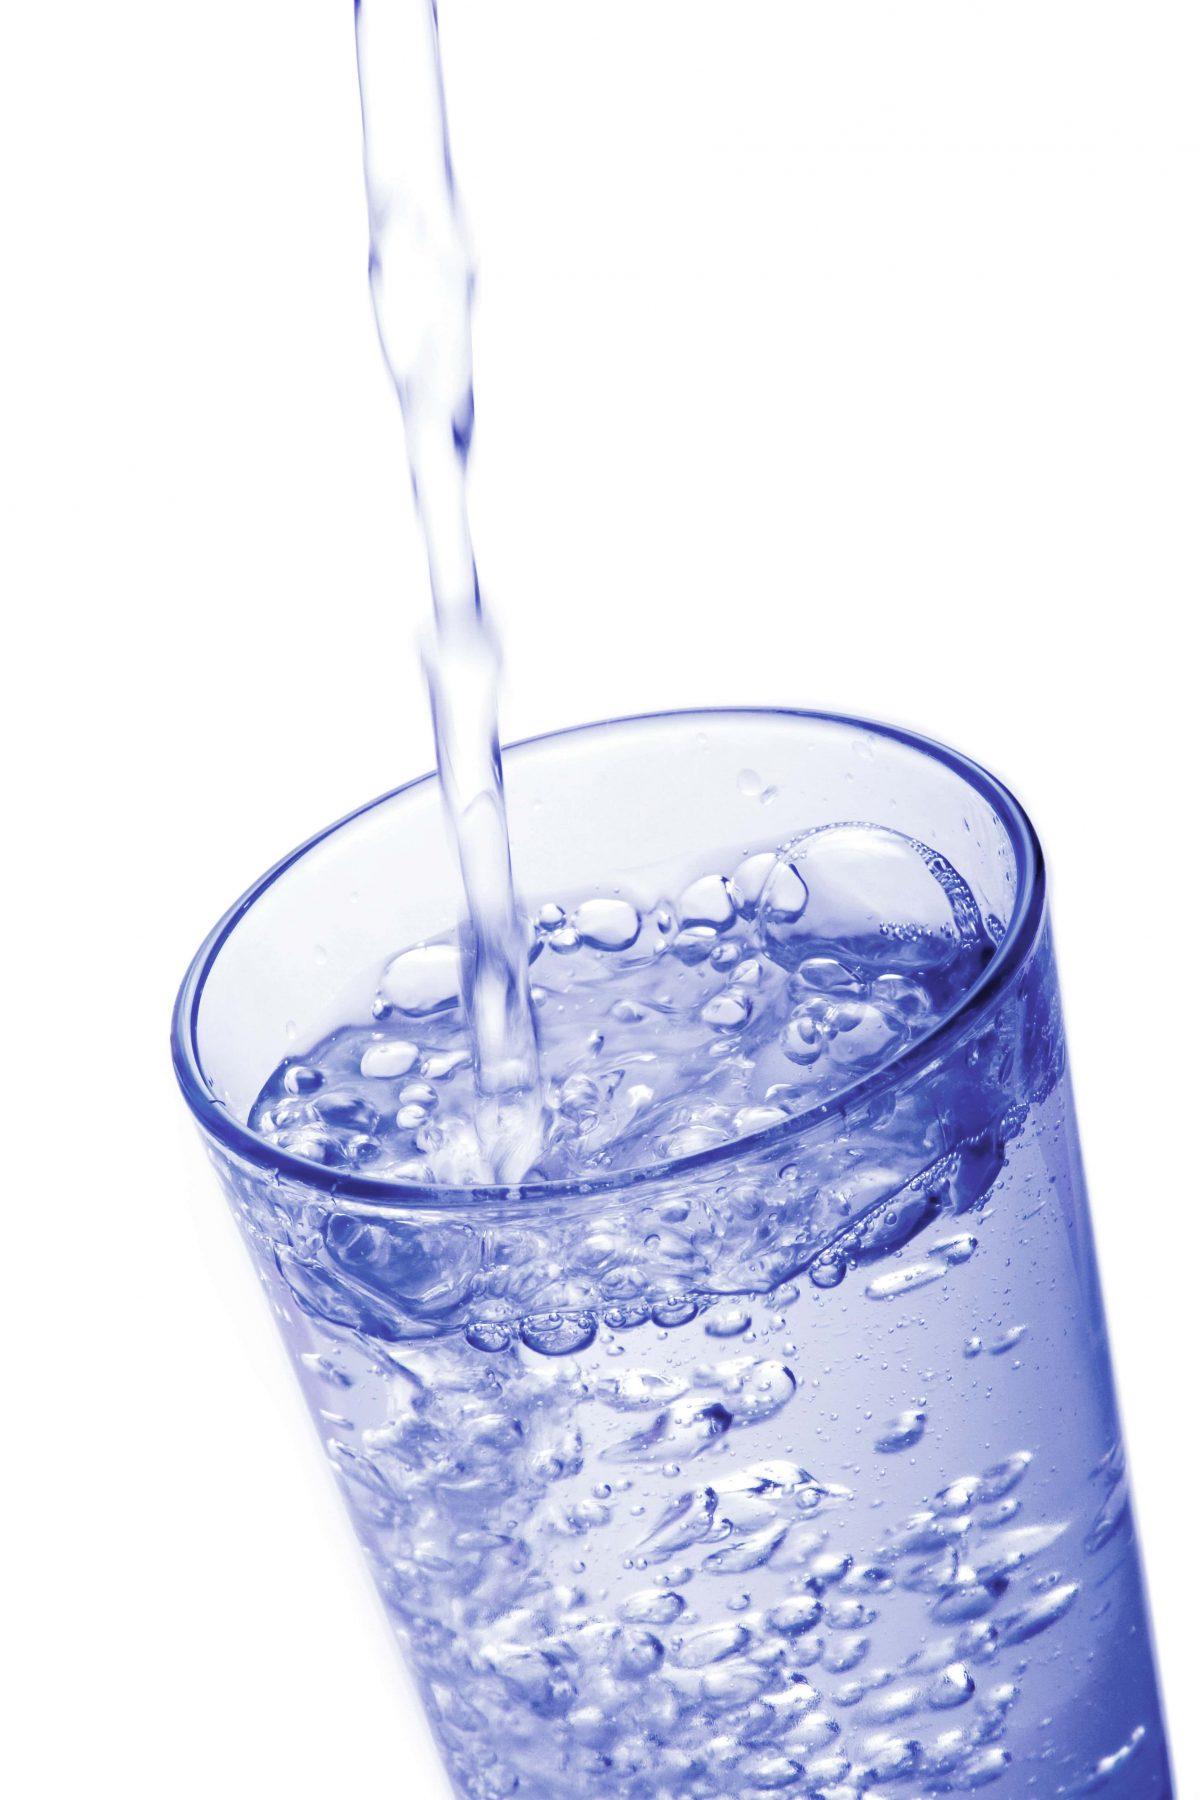 נביעות ברי מים – האם זה מותאם לשומרי שבת?